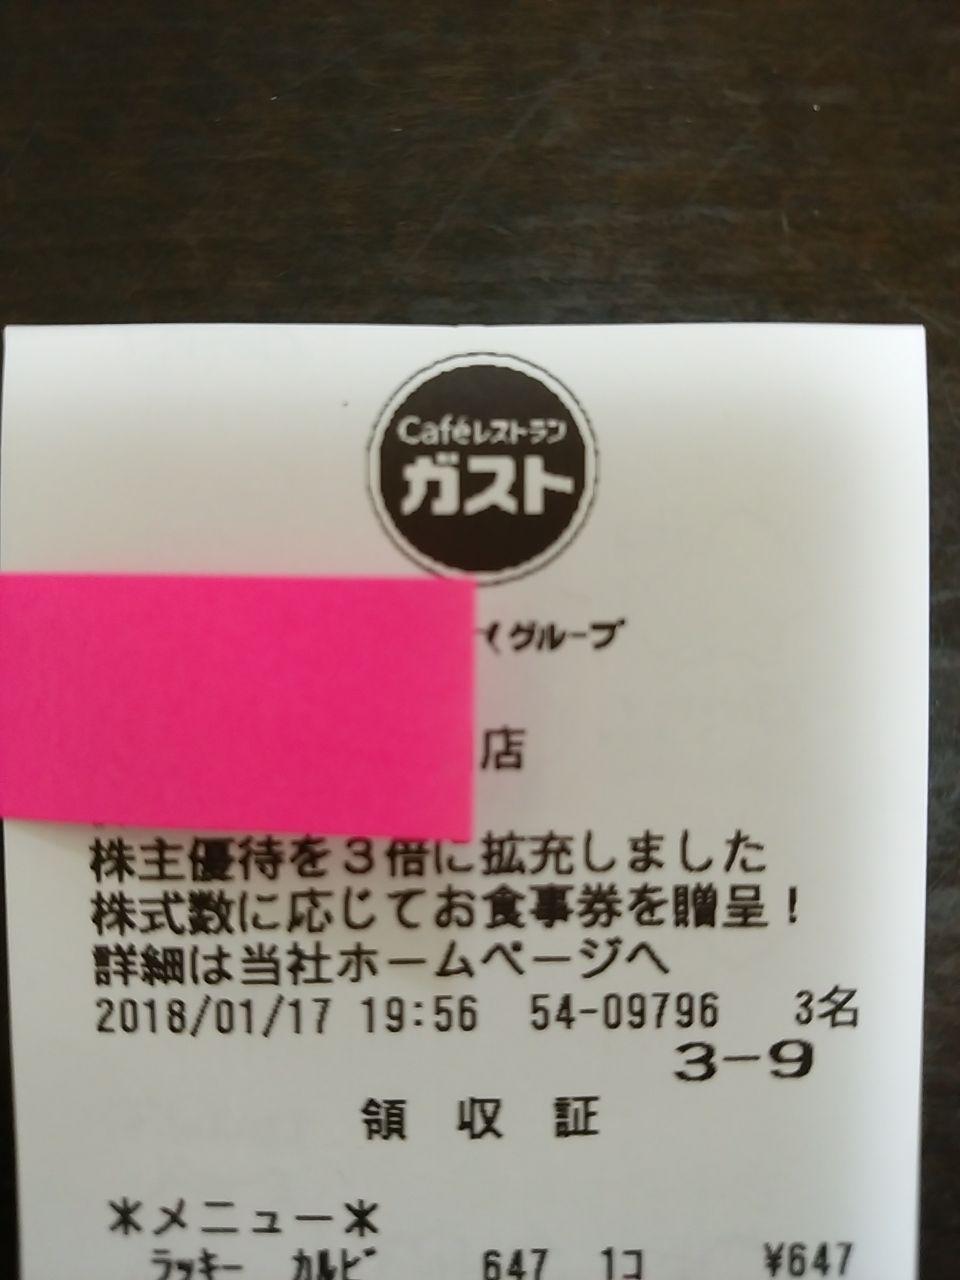 3197 - (株)すかいらーくホールディングス 昨日、ガストに食べに行ったら レシートに優待拡充の告知が印字されてた! 店内のリーフレット見かけなく